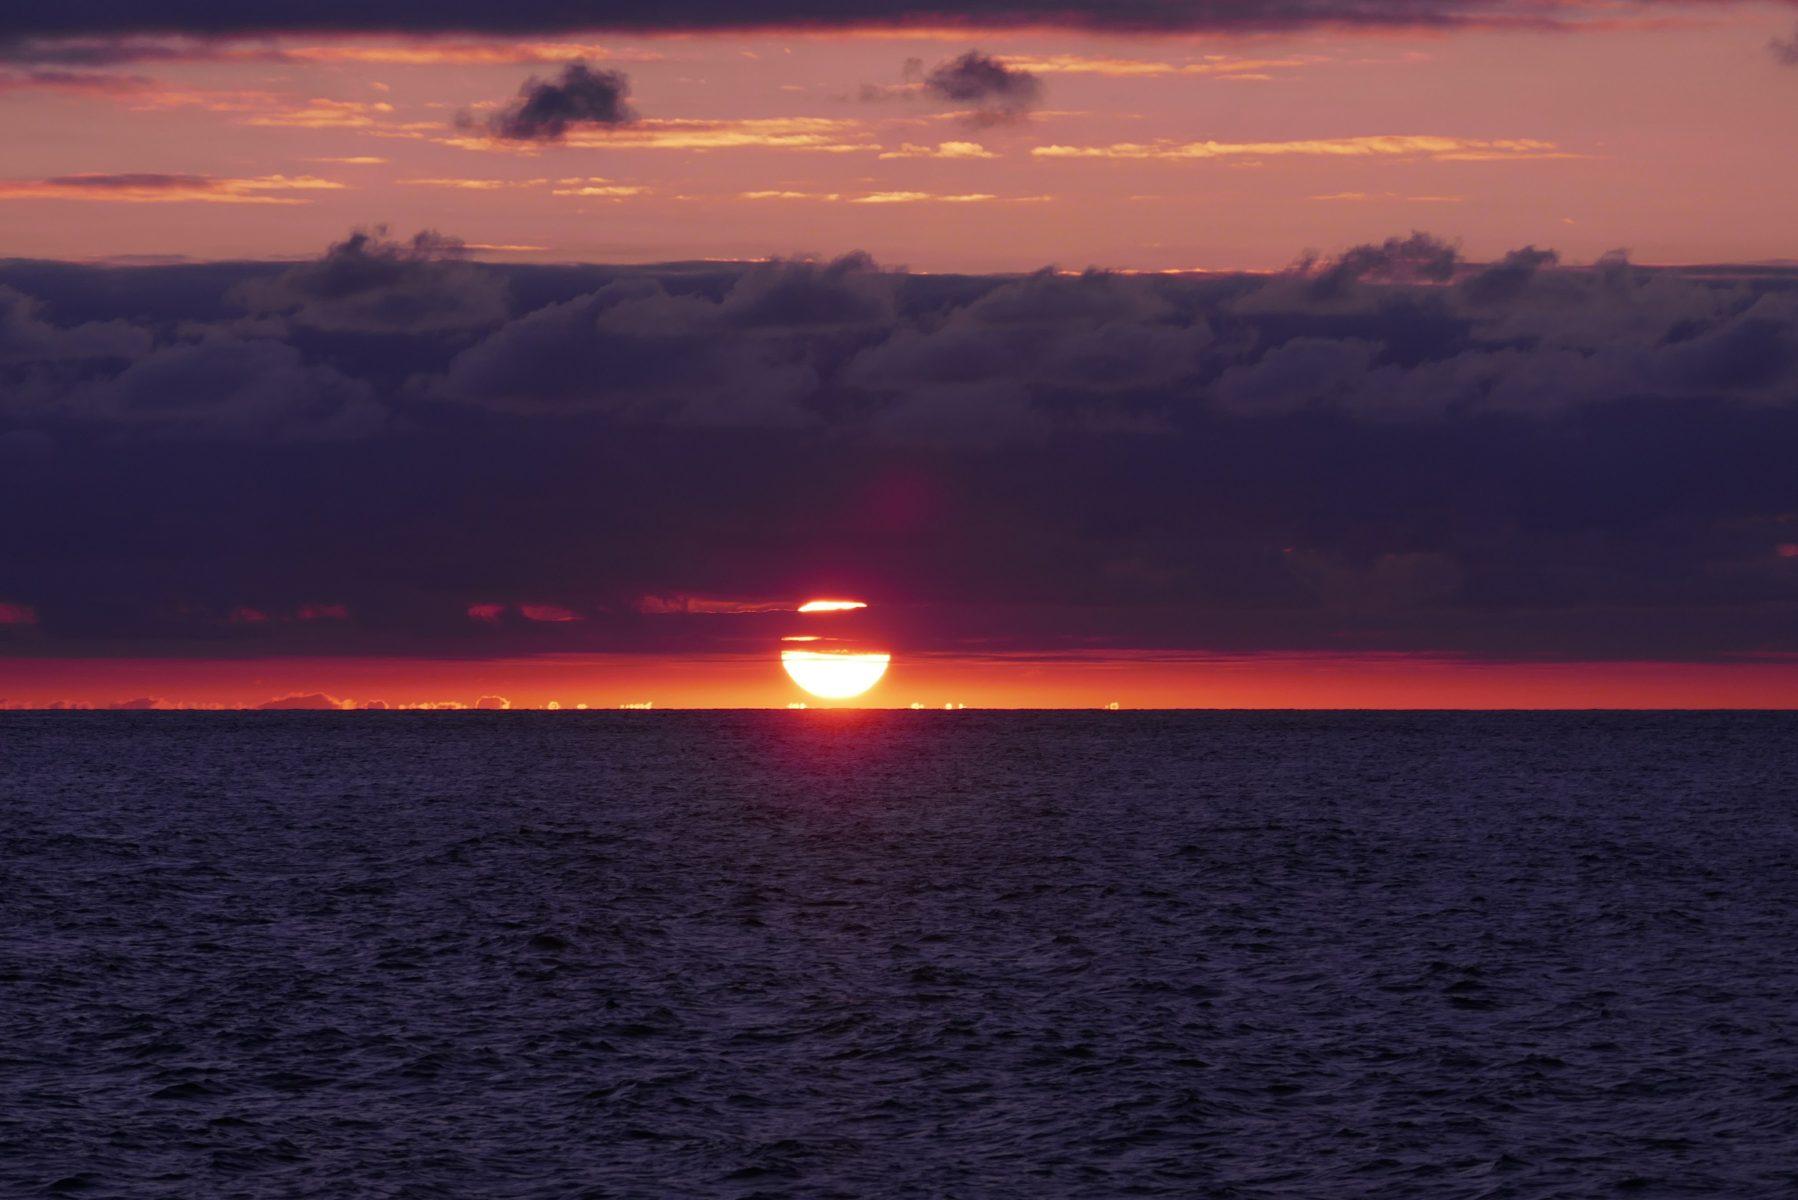 Pôr do sol em Anjos